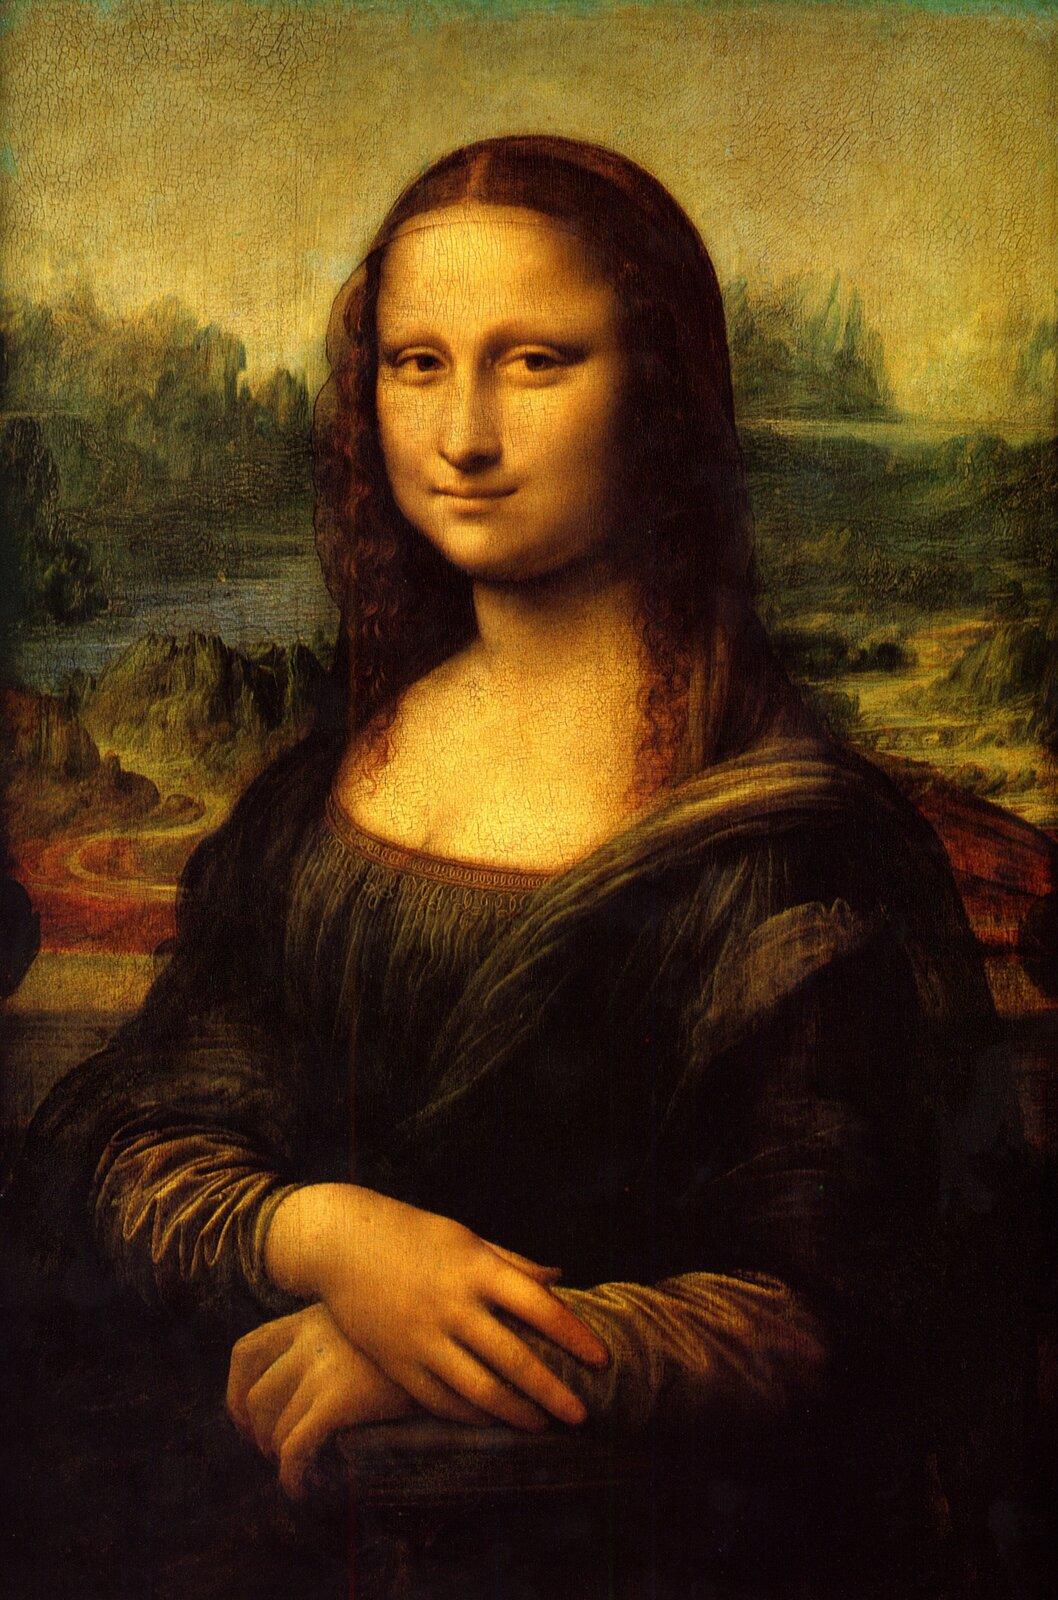 Ilustracja przedstawia obraz Leonarda da Vinci pt. Mona Liza, który ukazuje skromnie ubraną kobietę, ma ona nieufryzowane włosy, dłonie złożyła na kolanach. Jej twarz ma łagodny wyraz, lekko się uśmiechnięta, brwi są delikatnie zarysowane. Na drugim planie widać  baśniowy, górski, skalisty krajobraz. Brunatno-zielone skały, kręte ścieżki spowite mgłą.